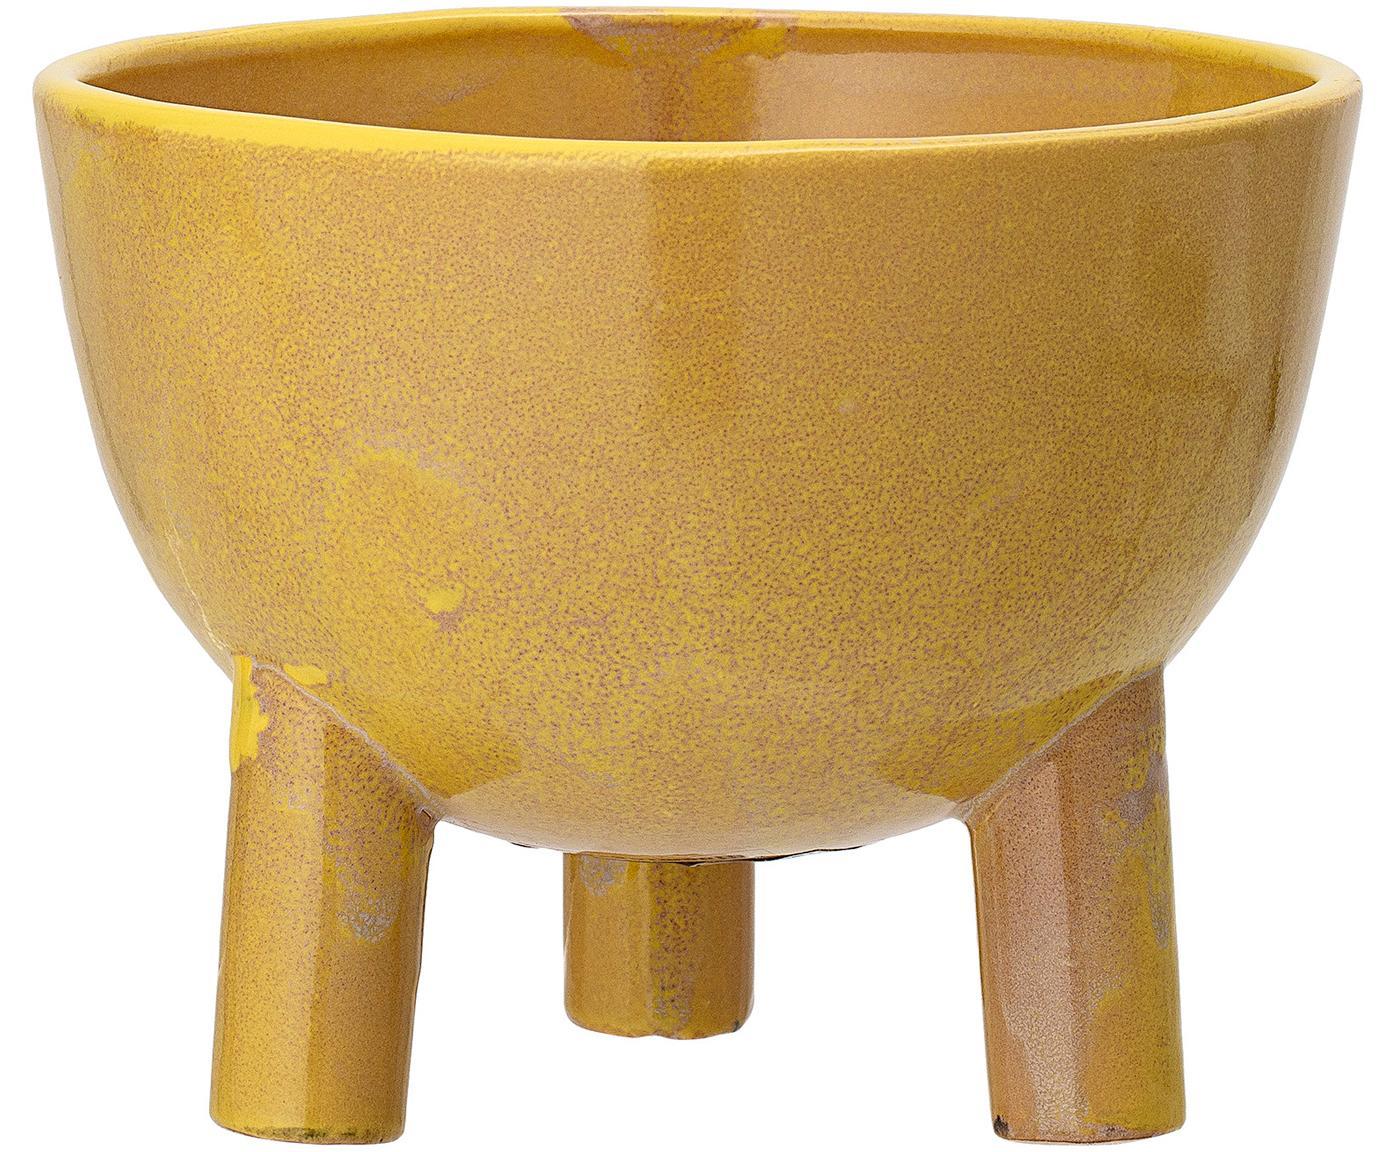 Handgefertigter Übertopf Aaren, Steingut, Gelb, Ø 15 x H 12 cm